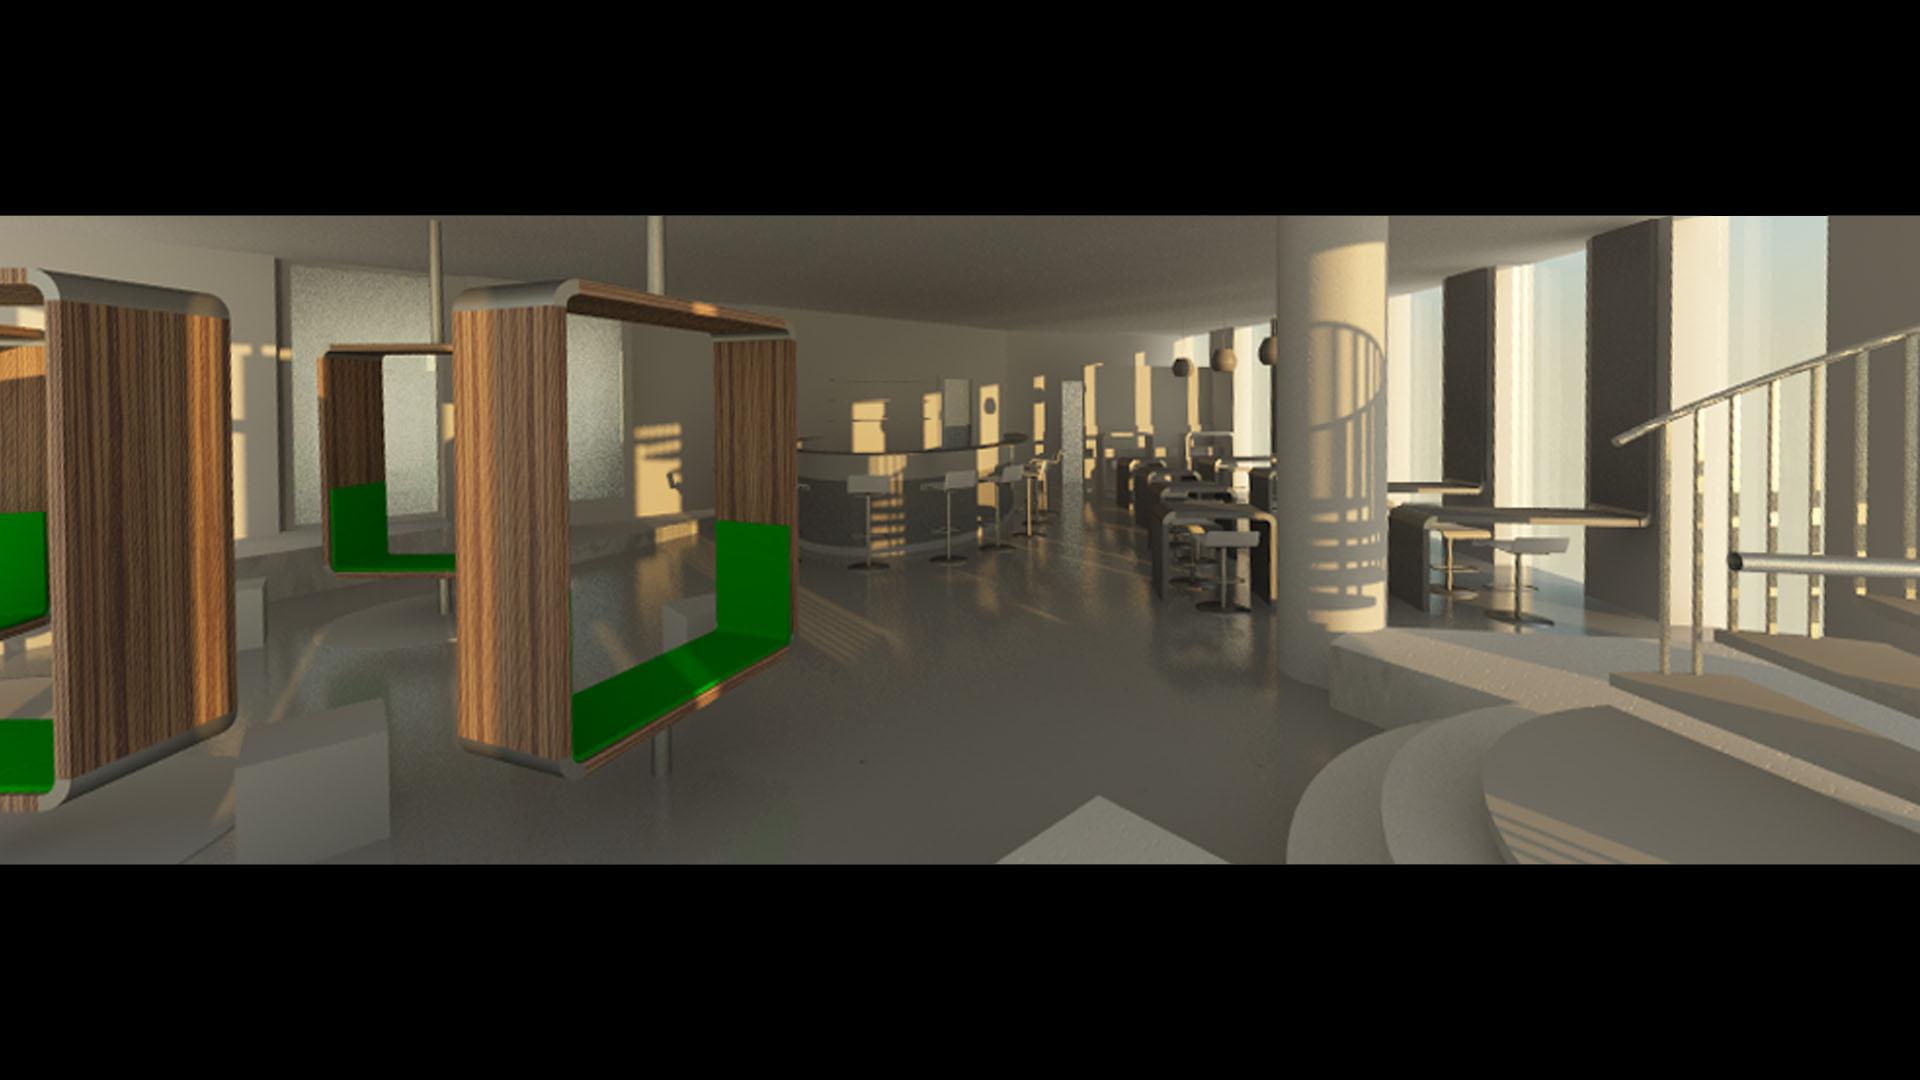 MAASS-Lichtplanung_Gestaltungskonzept Bar__MAASS-Poseidon-Bar-009